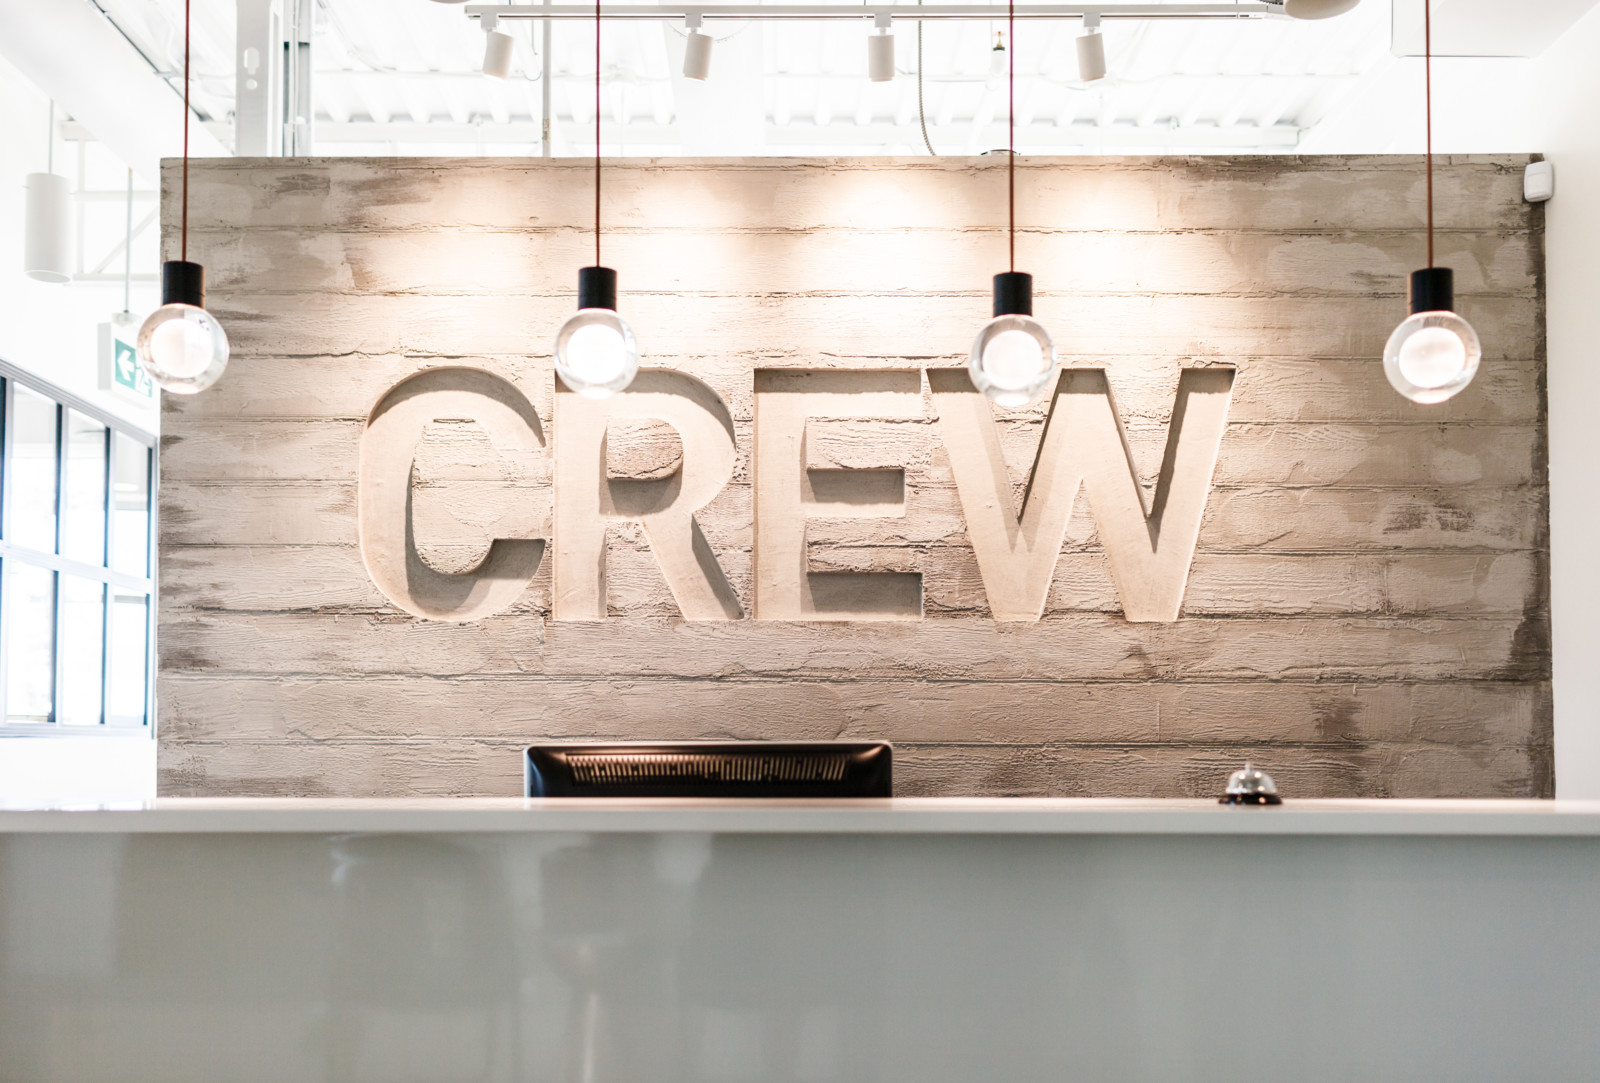 CREW interior signage